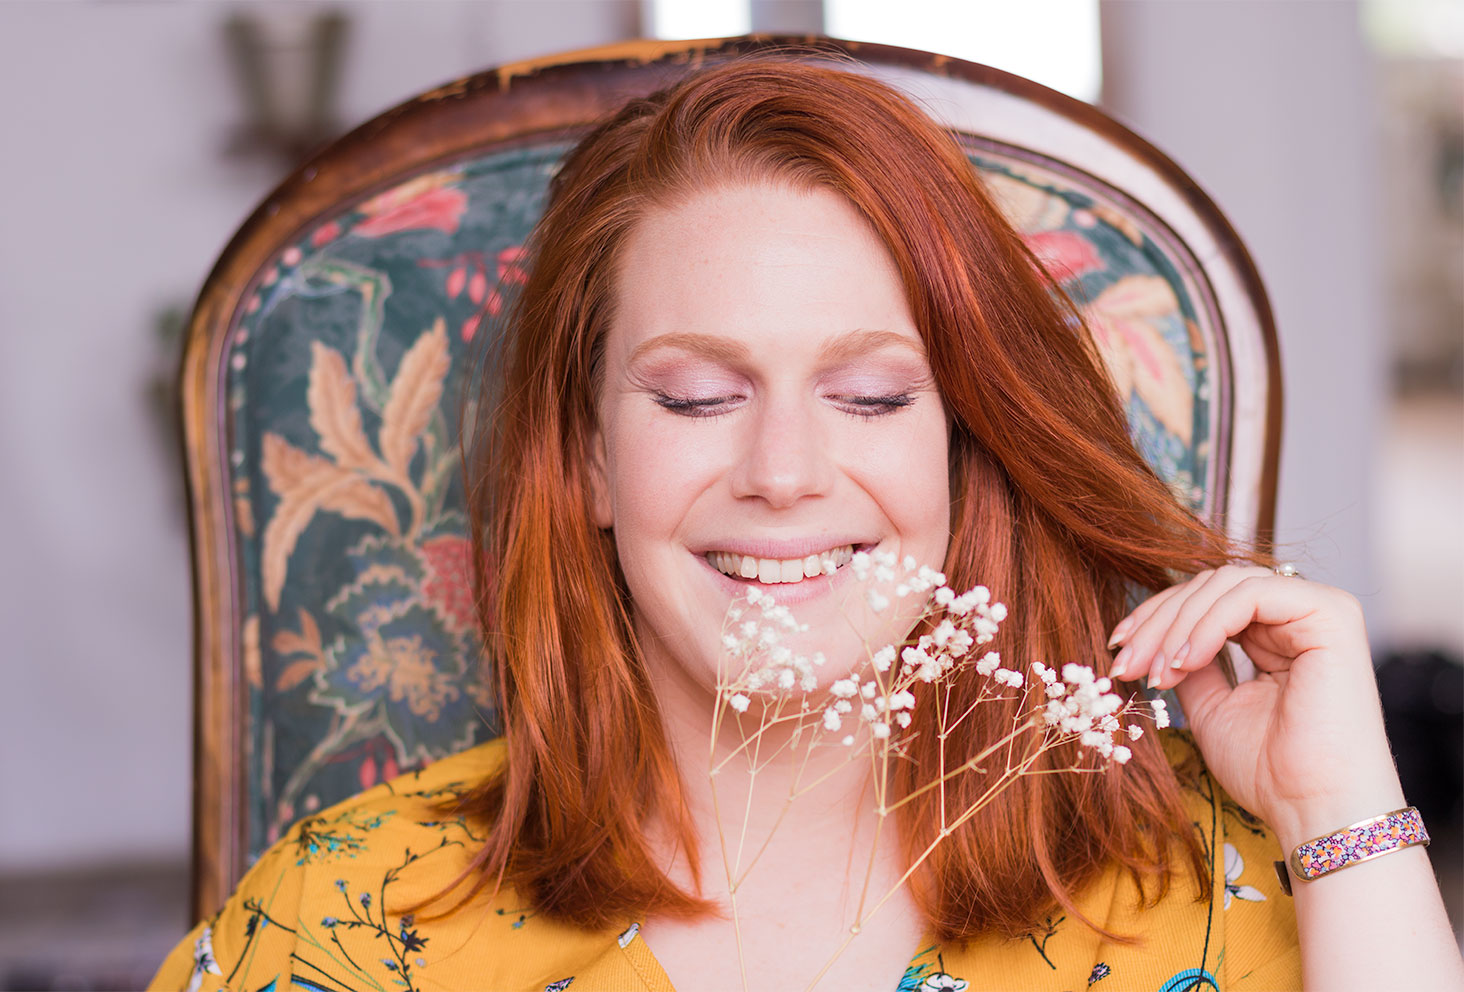 Résultat du make-up réalisé avec la palette Funfetti de Too Faced sur des yeux bleus avec des cheveux roux en robe jaune moutarde à fleurs